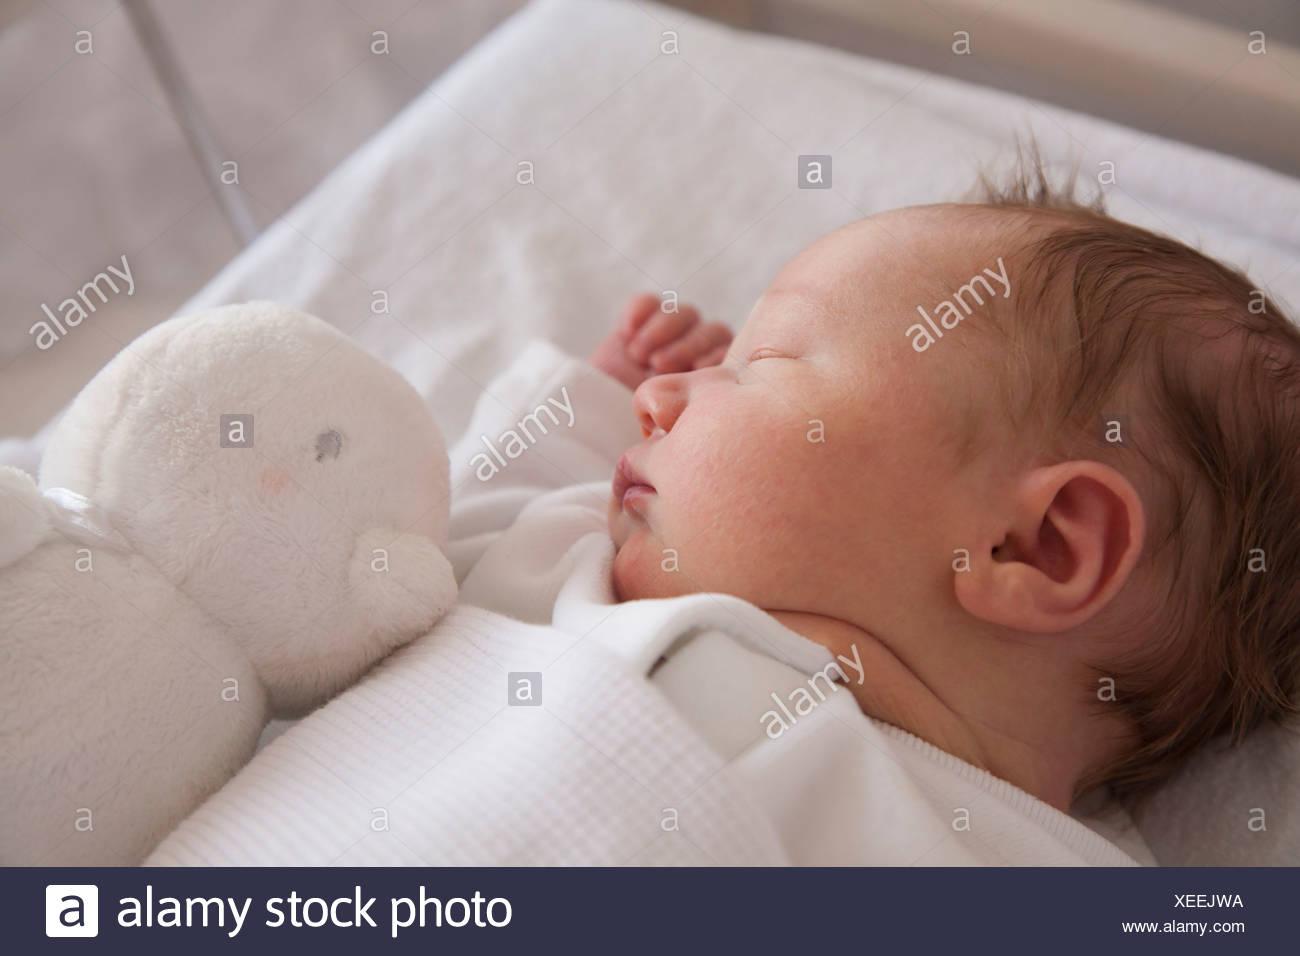 Un nouveau né couché sur son dos, à dormir. Un jouet dans son lit. Banque D'Images